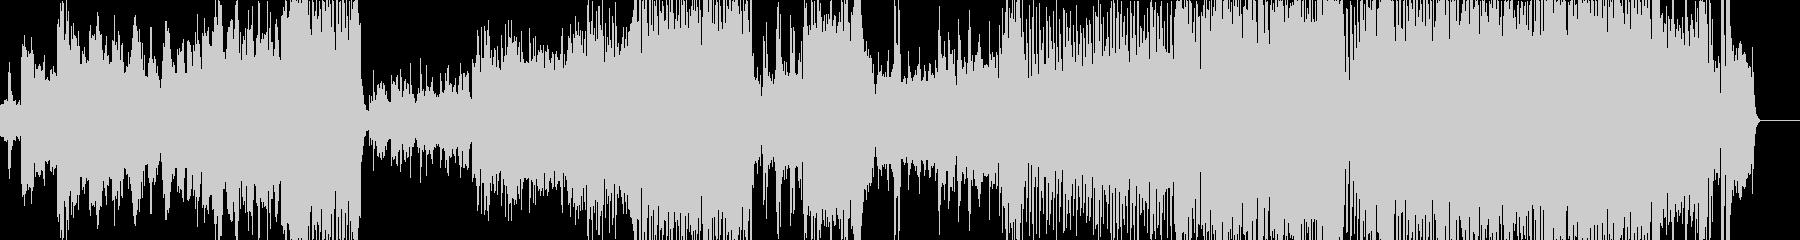 よさこい オーケストラ 三味線 日本の未再生の波形